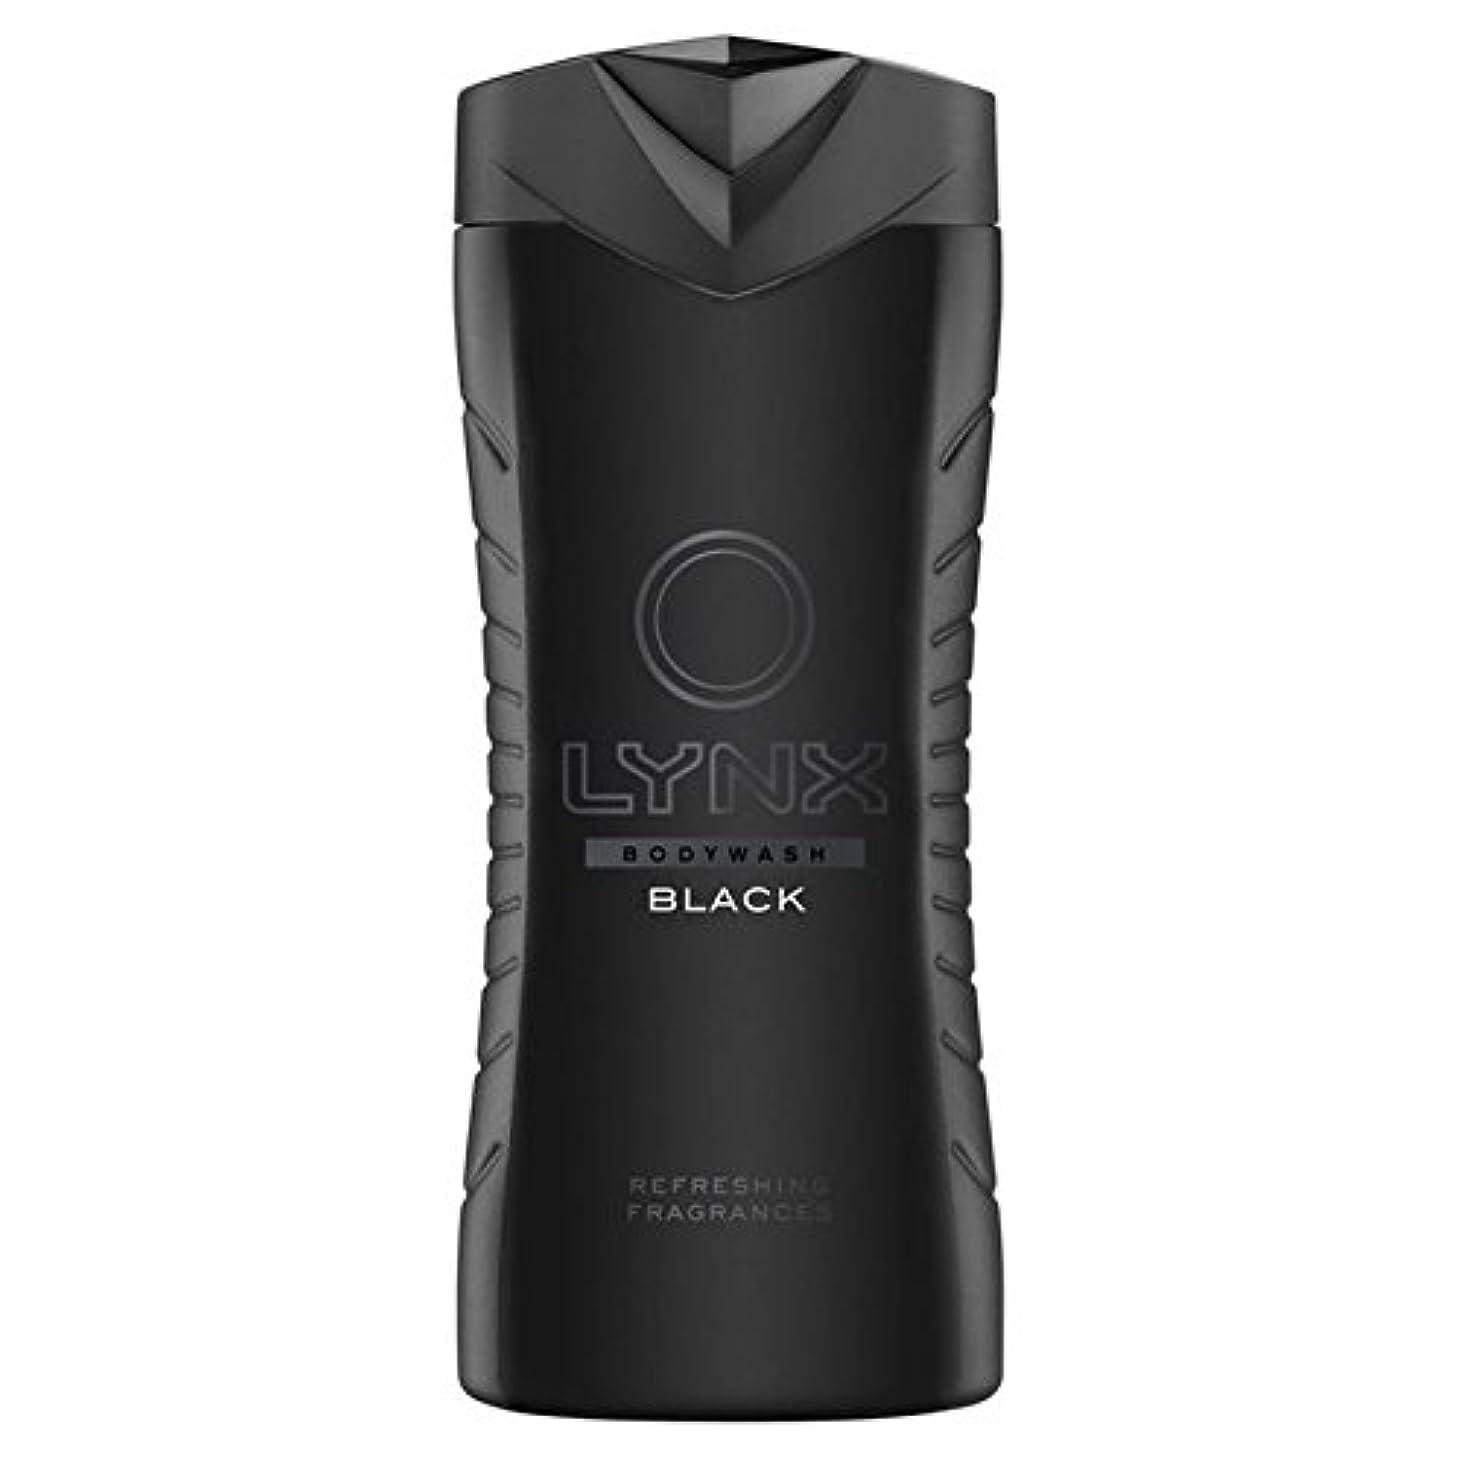 罹患率カビあいまいオオヤマネコブラックシャワージェル400ミリリットル x4 - Lynx Black Shower Gel 400ml (Pack of 4) [並行輸入品]